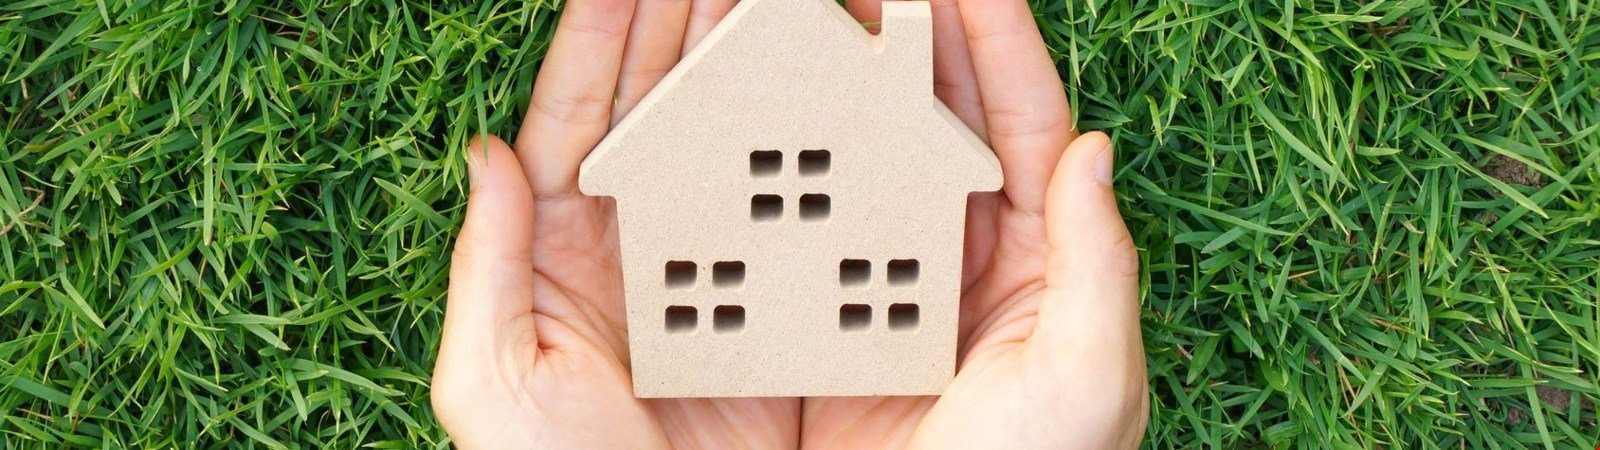 Energieeffizienz erhöhen und sparen